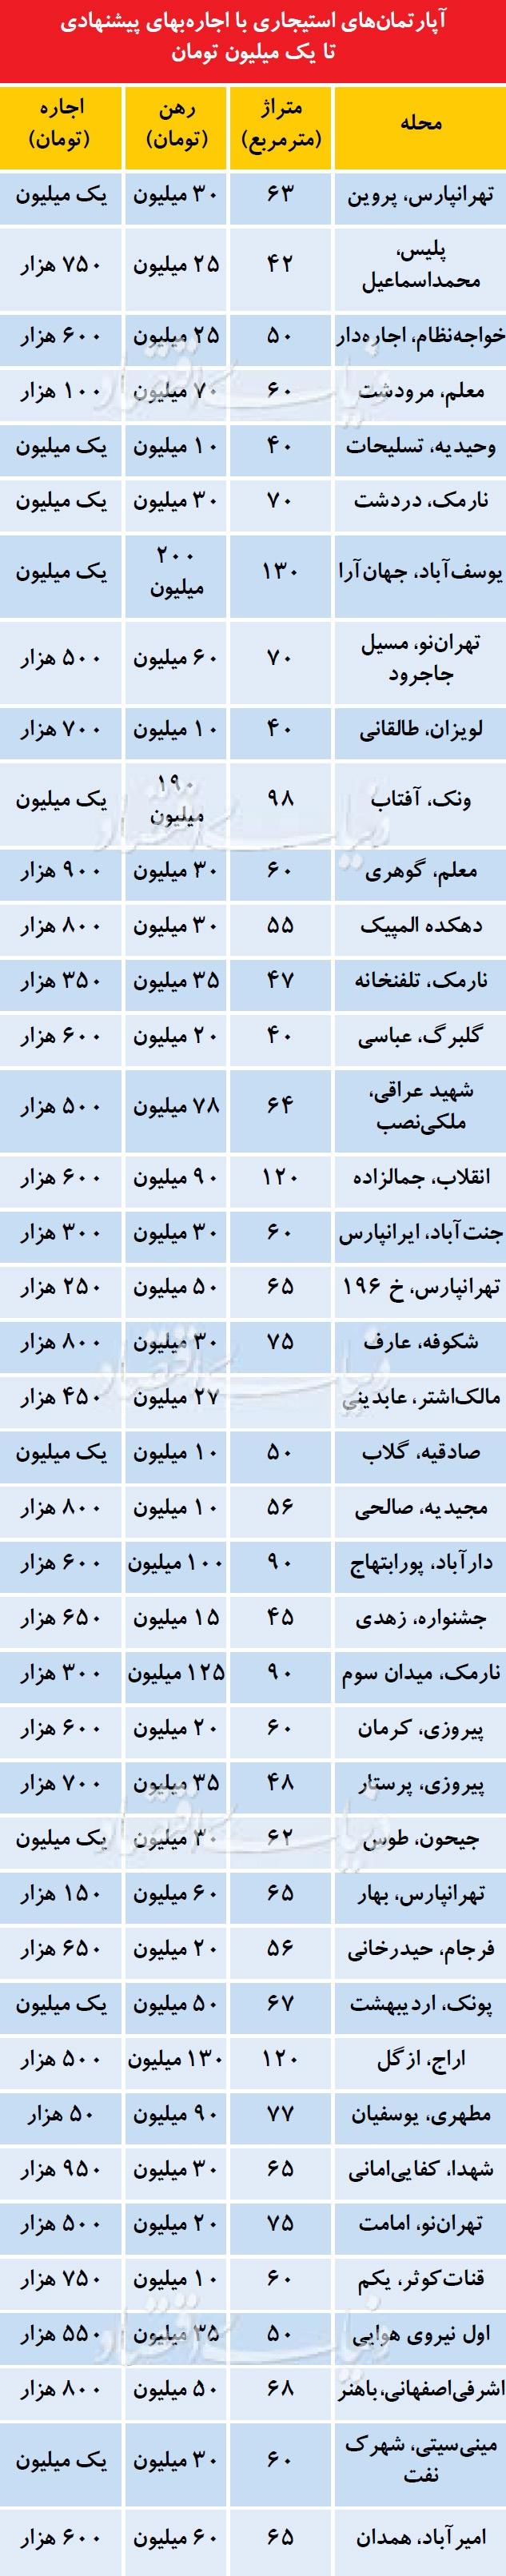 کمترین و بیشترین اجاره خانه ها در تهران